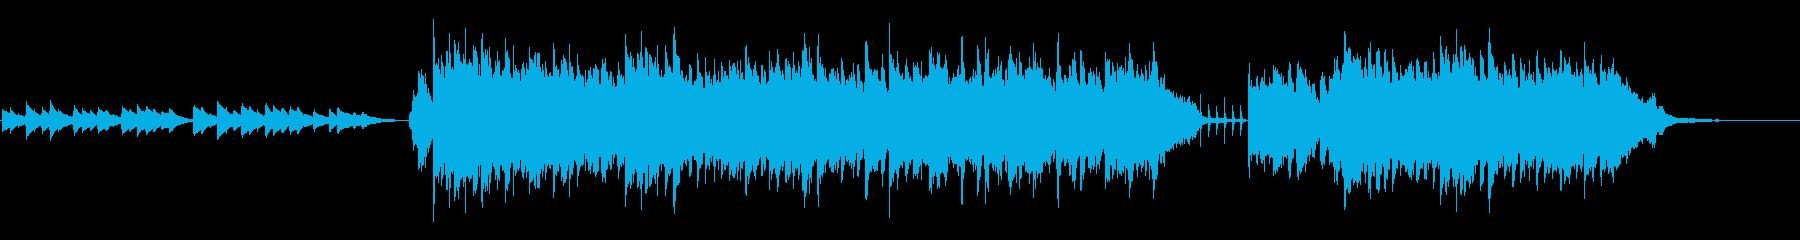 オルゴールサウンドのやさしいBGMの再生済みの波形